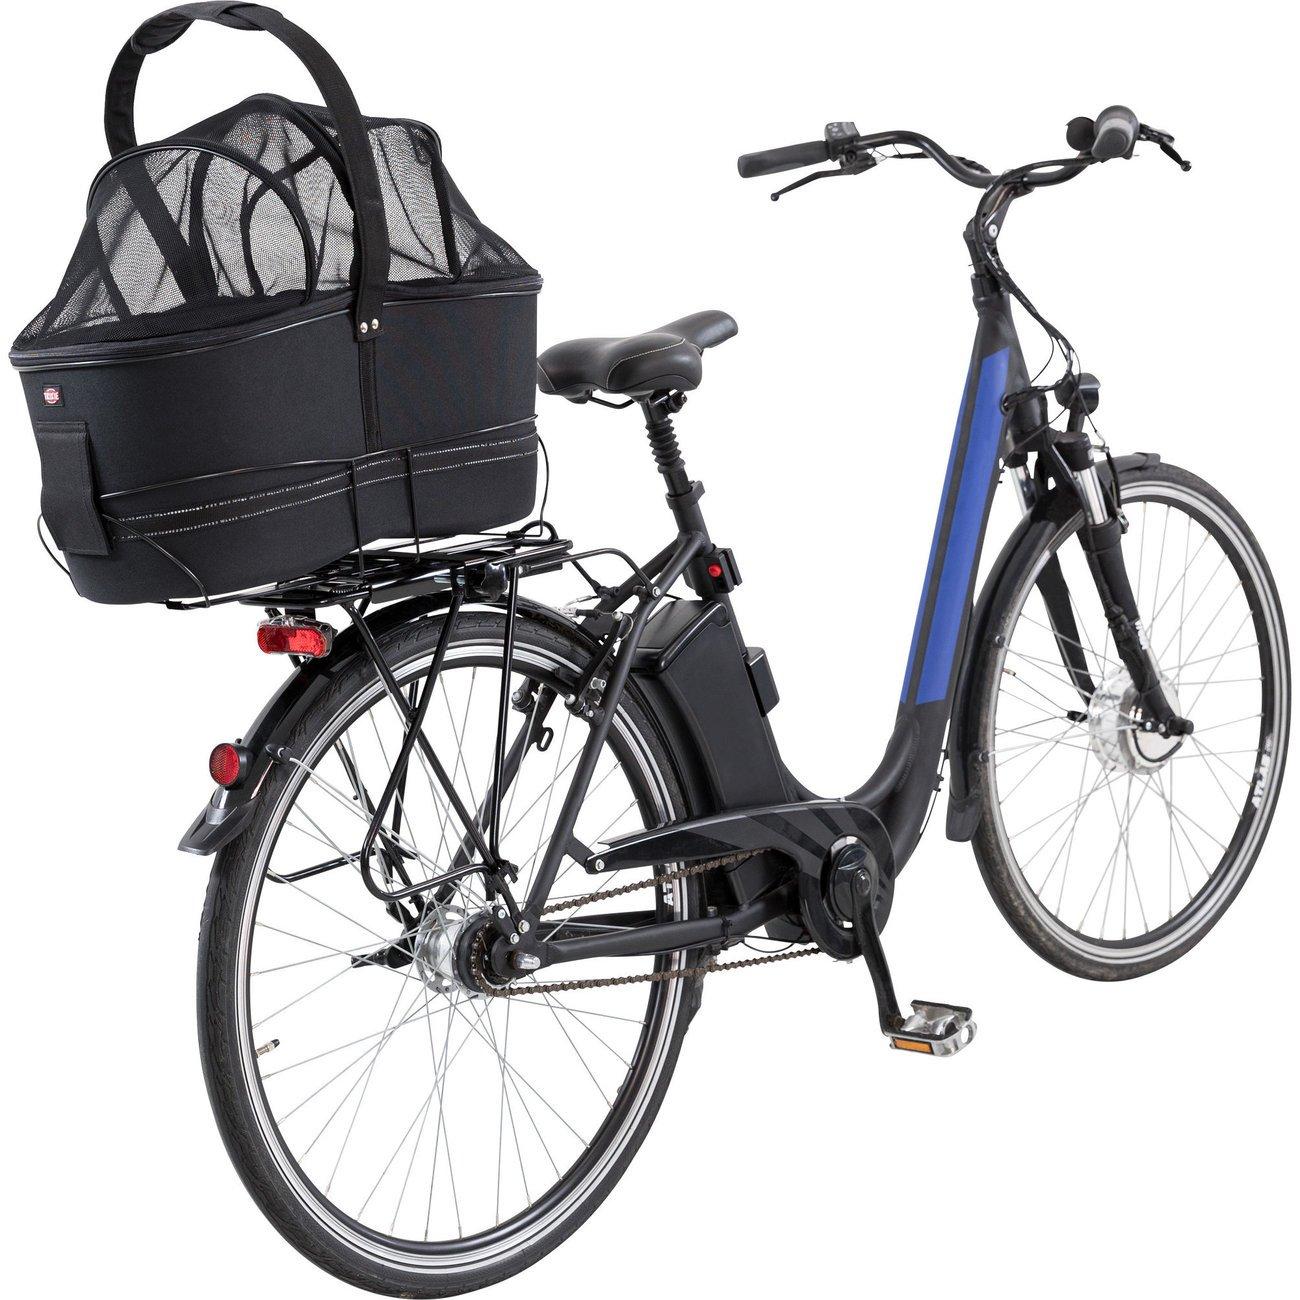 TRIXIE Hunde Fahrradkorb Long für breite Gepäckträger 13110, Bild 24